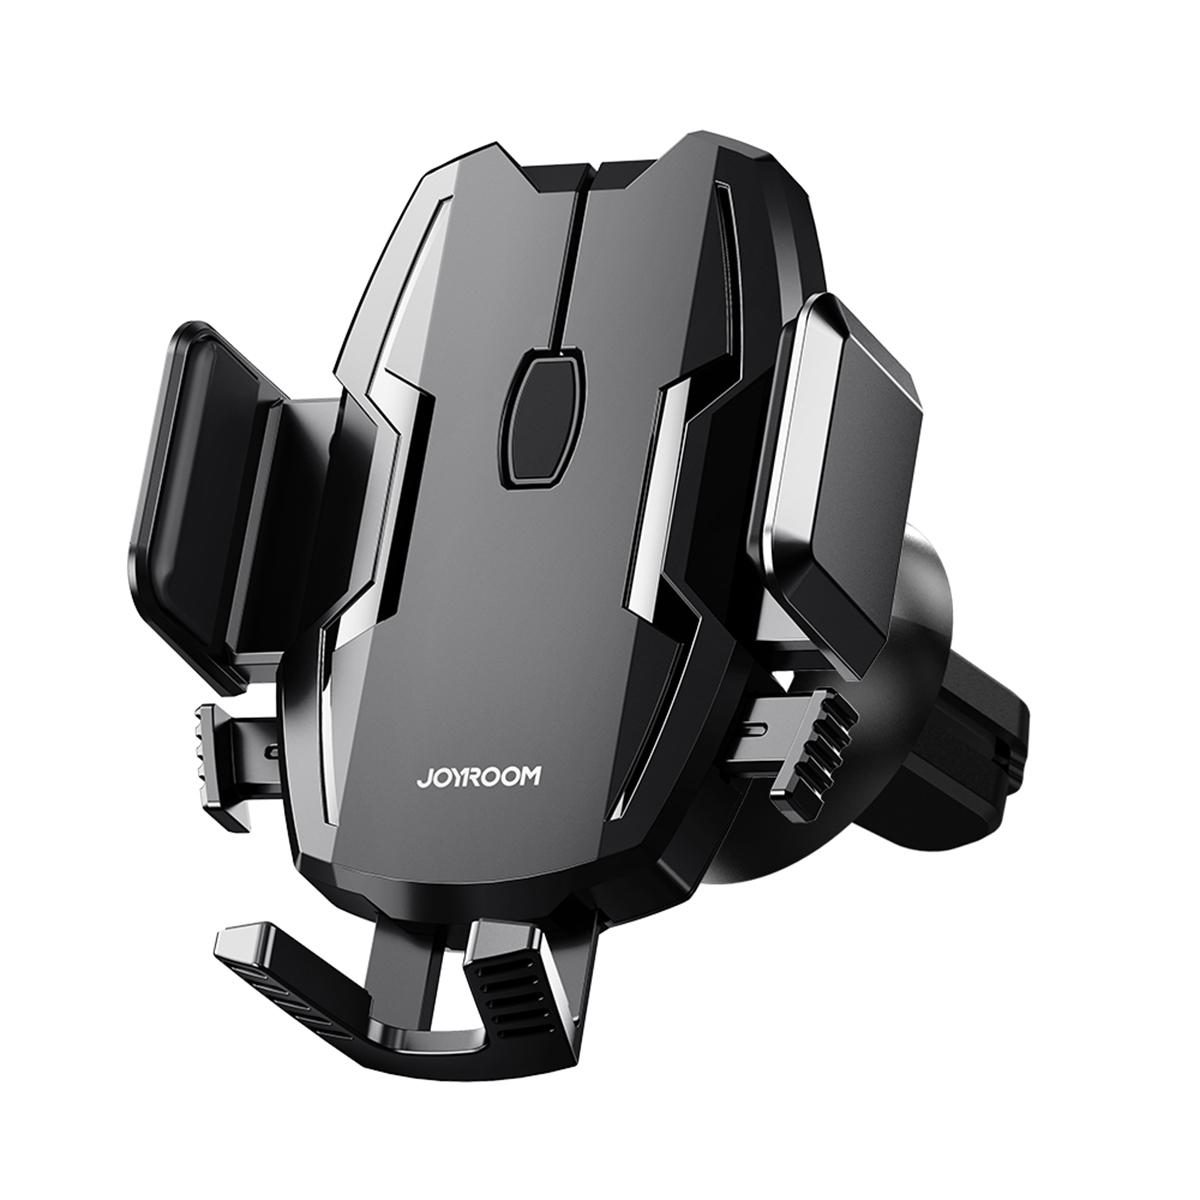 joyroom-jr-zs255-vasi-kinitou-autokinitou-spider-stable-car-holder-me-vasi-stirixis-ston-aeragogo-mauri